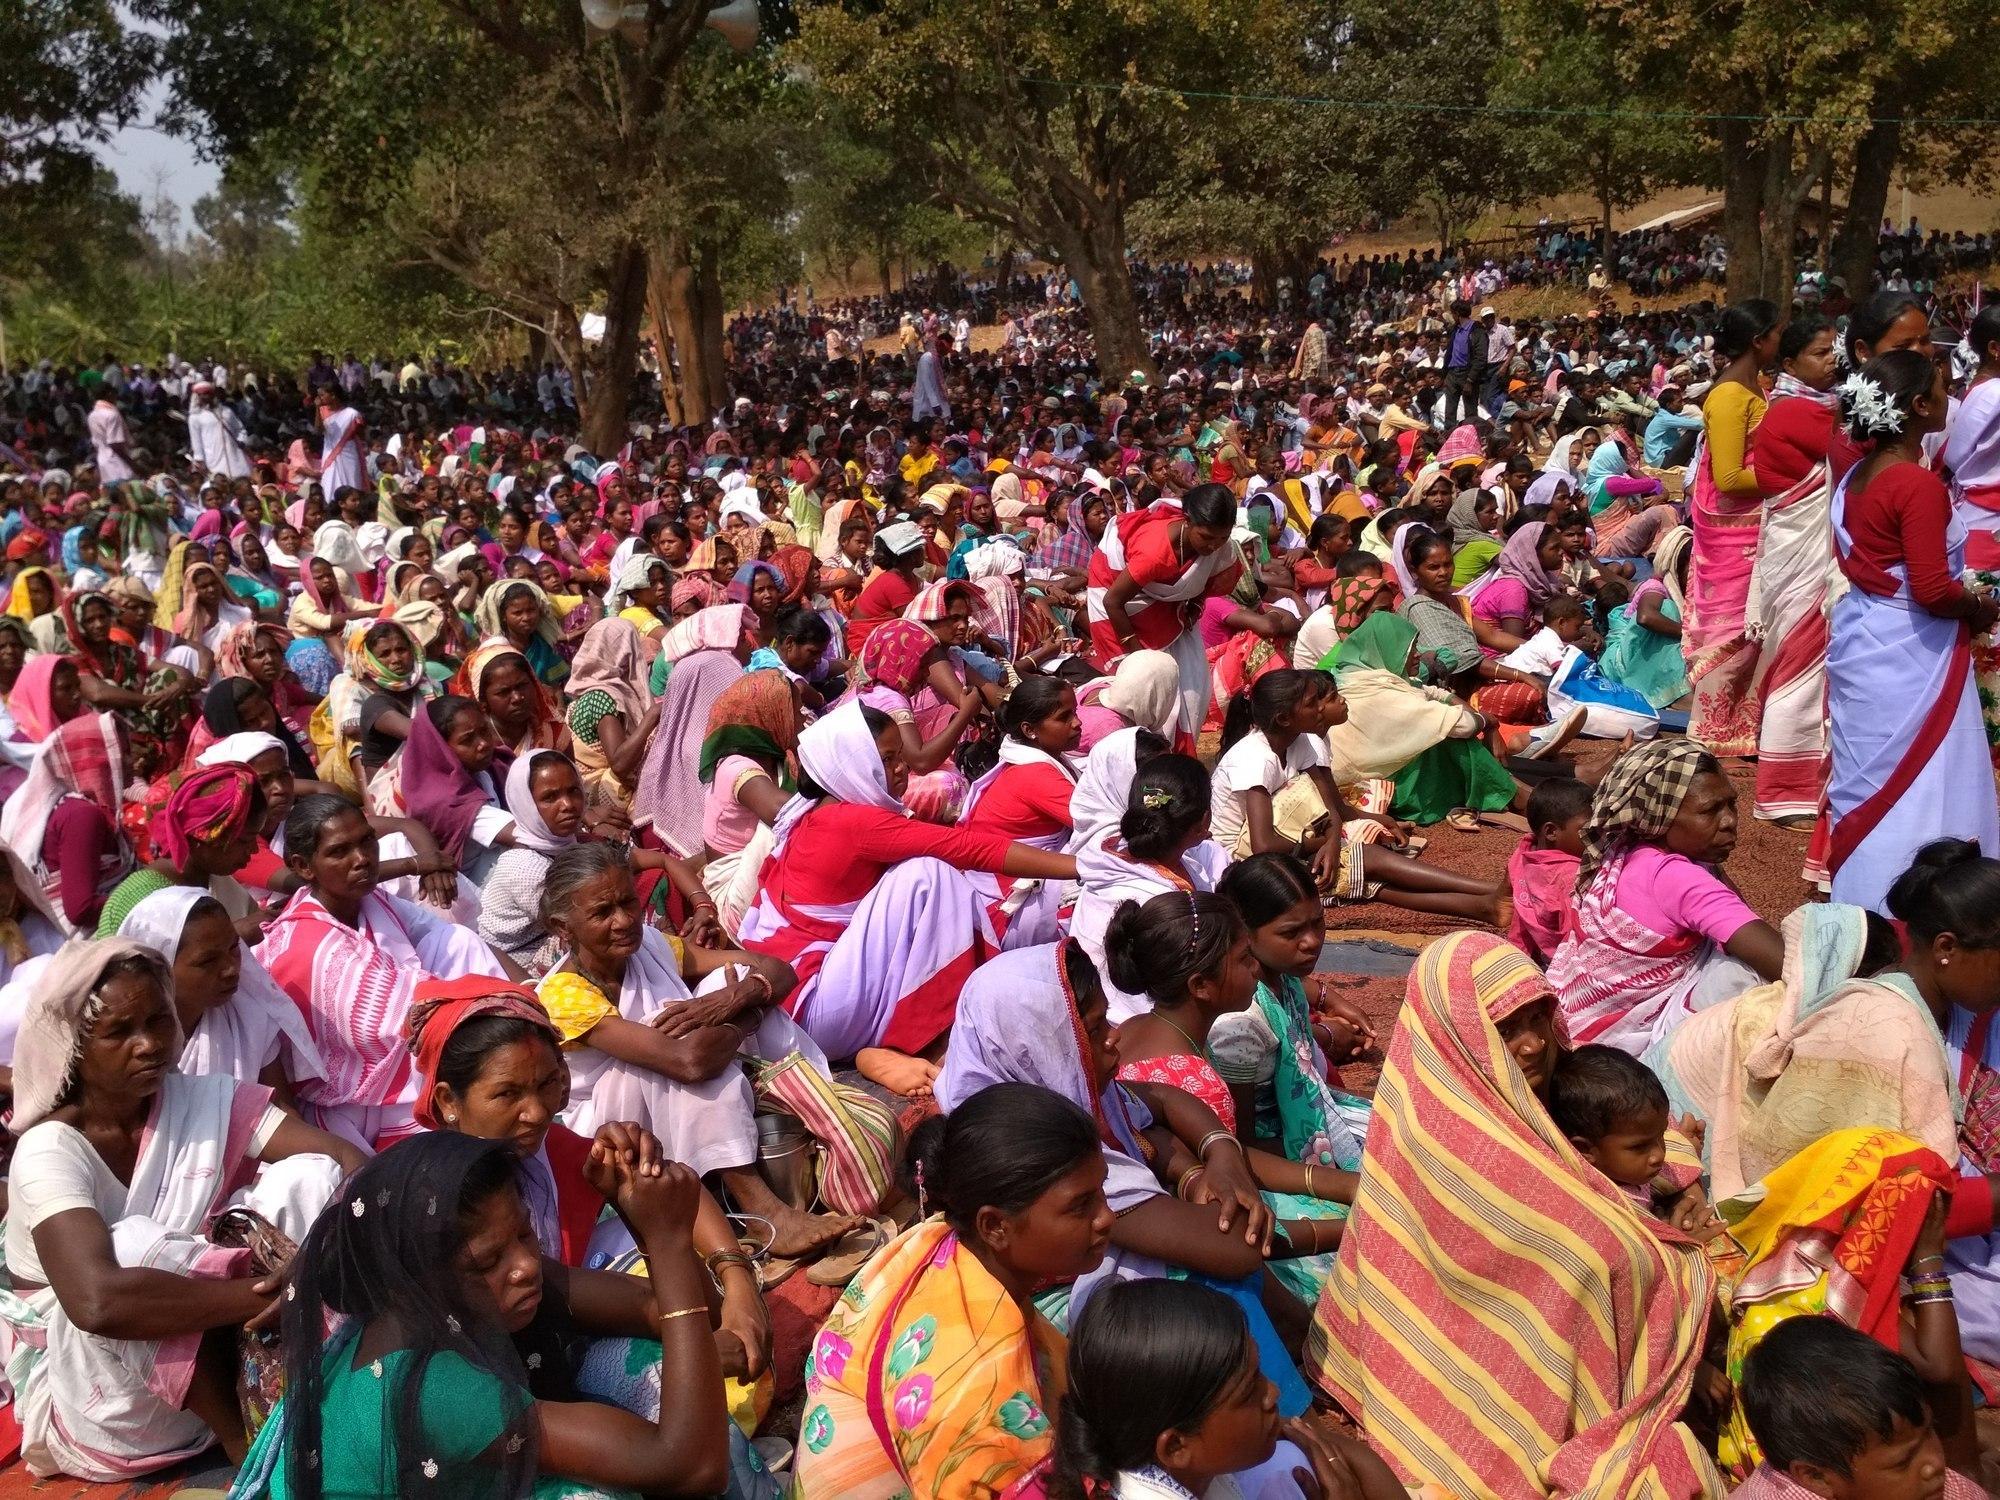 جھارکھنڈ کے کھونٹی ضلع کے کوچانگ گاؤں میں پتھل گڑی پروگرام میں شامل لوگ۔ (فائل فوٹو : نیرج سنہا / دی وائر)